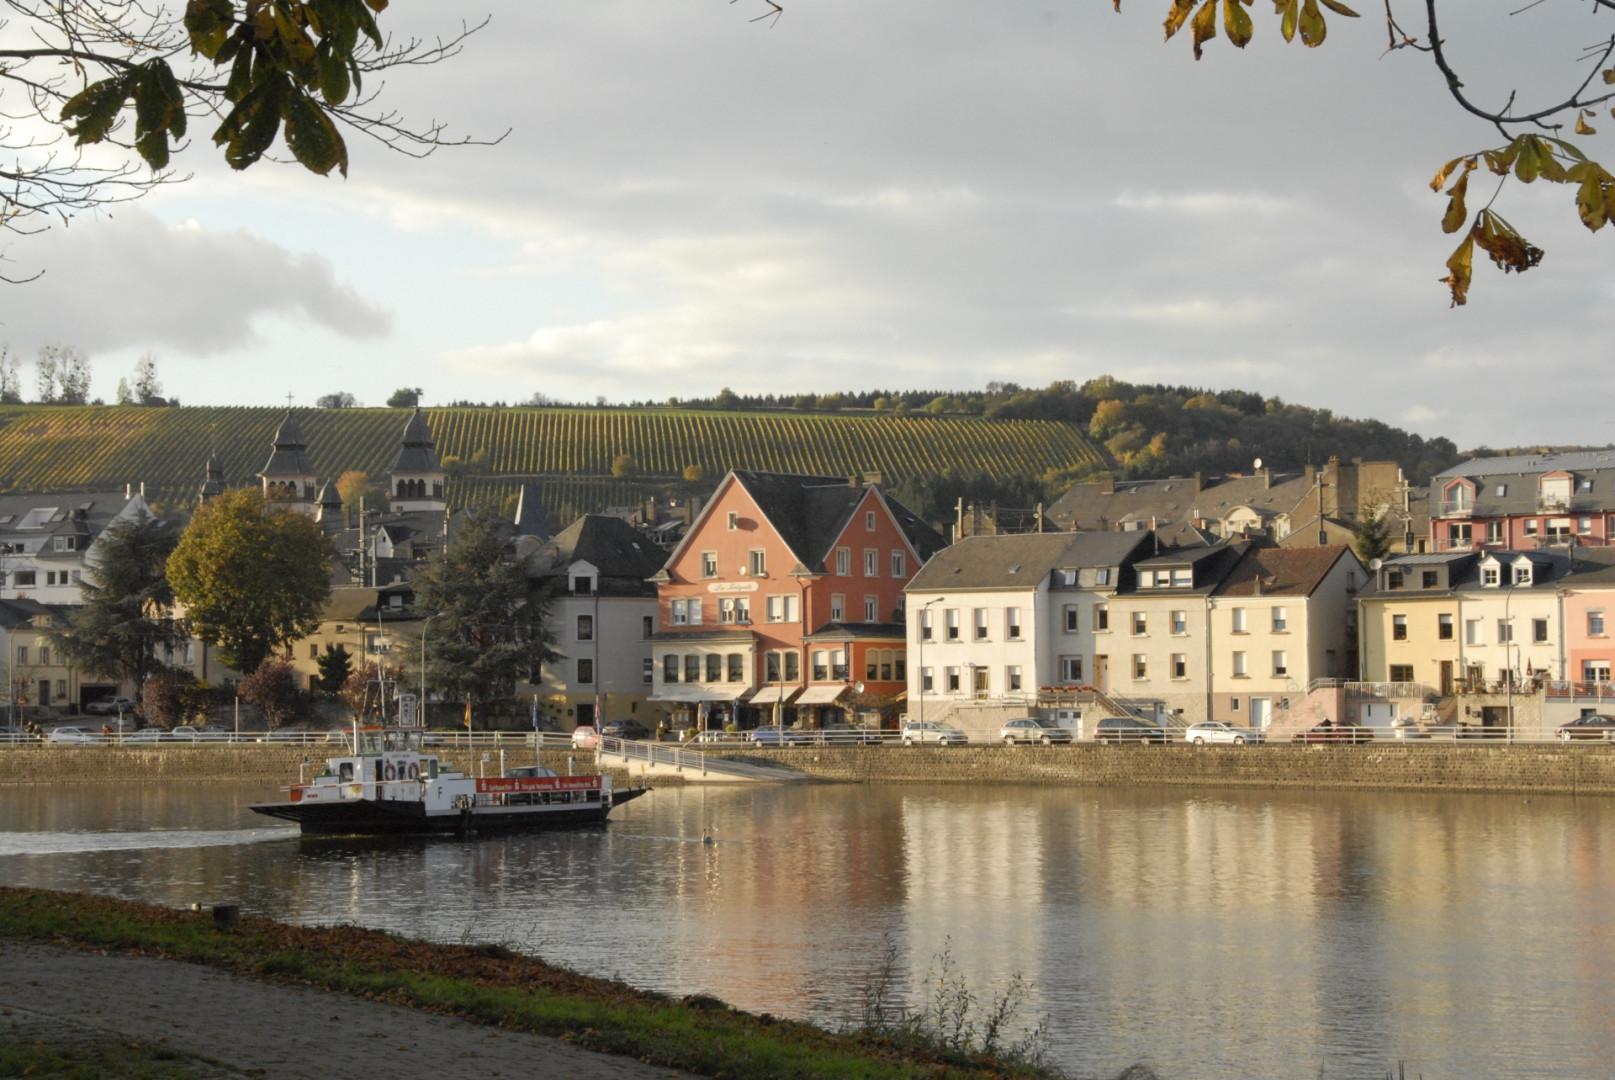 Visiter Mertert-Wasserbillig - Visit Moselle